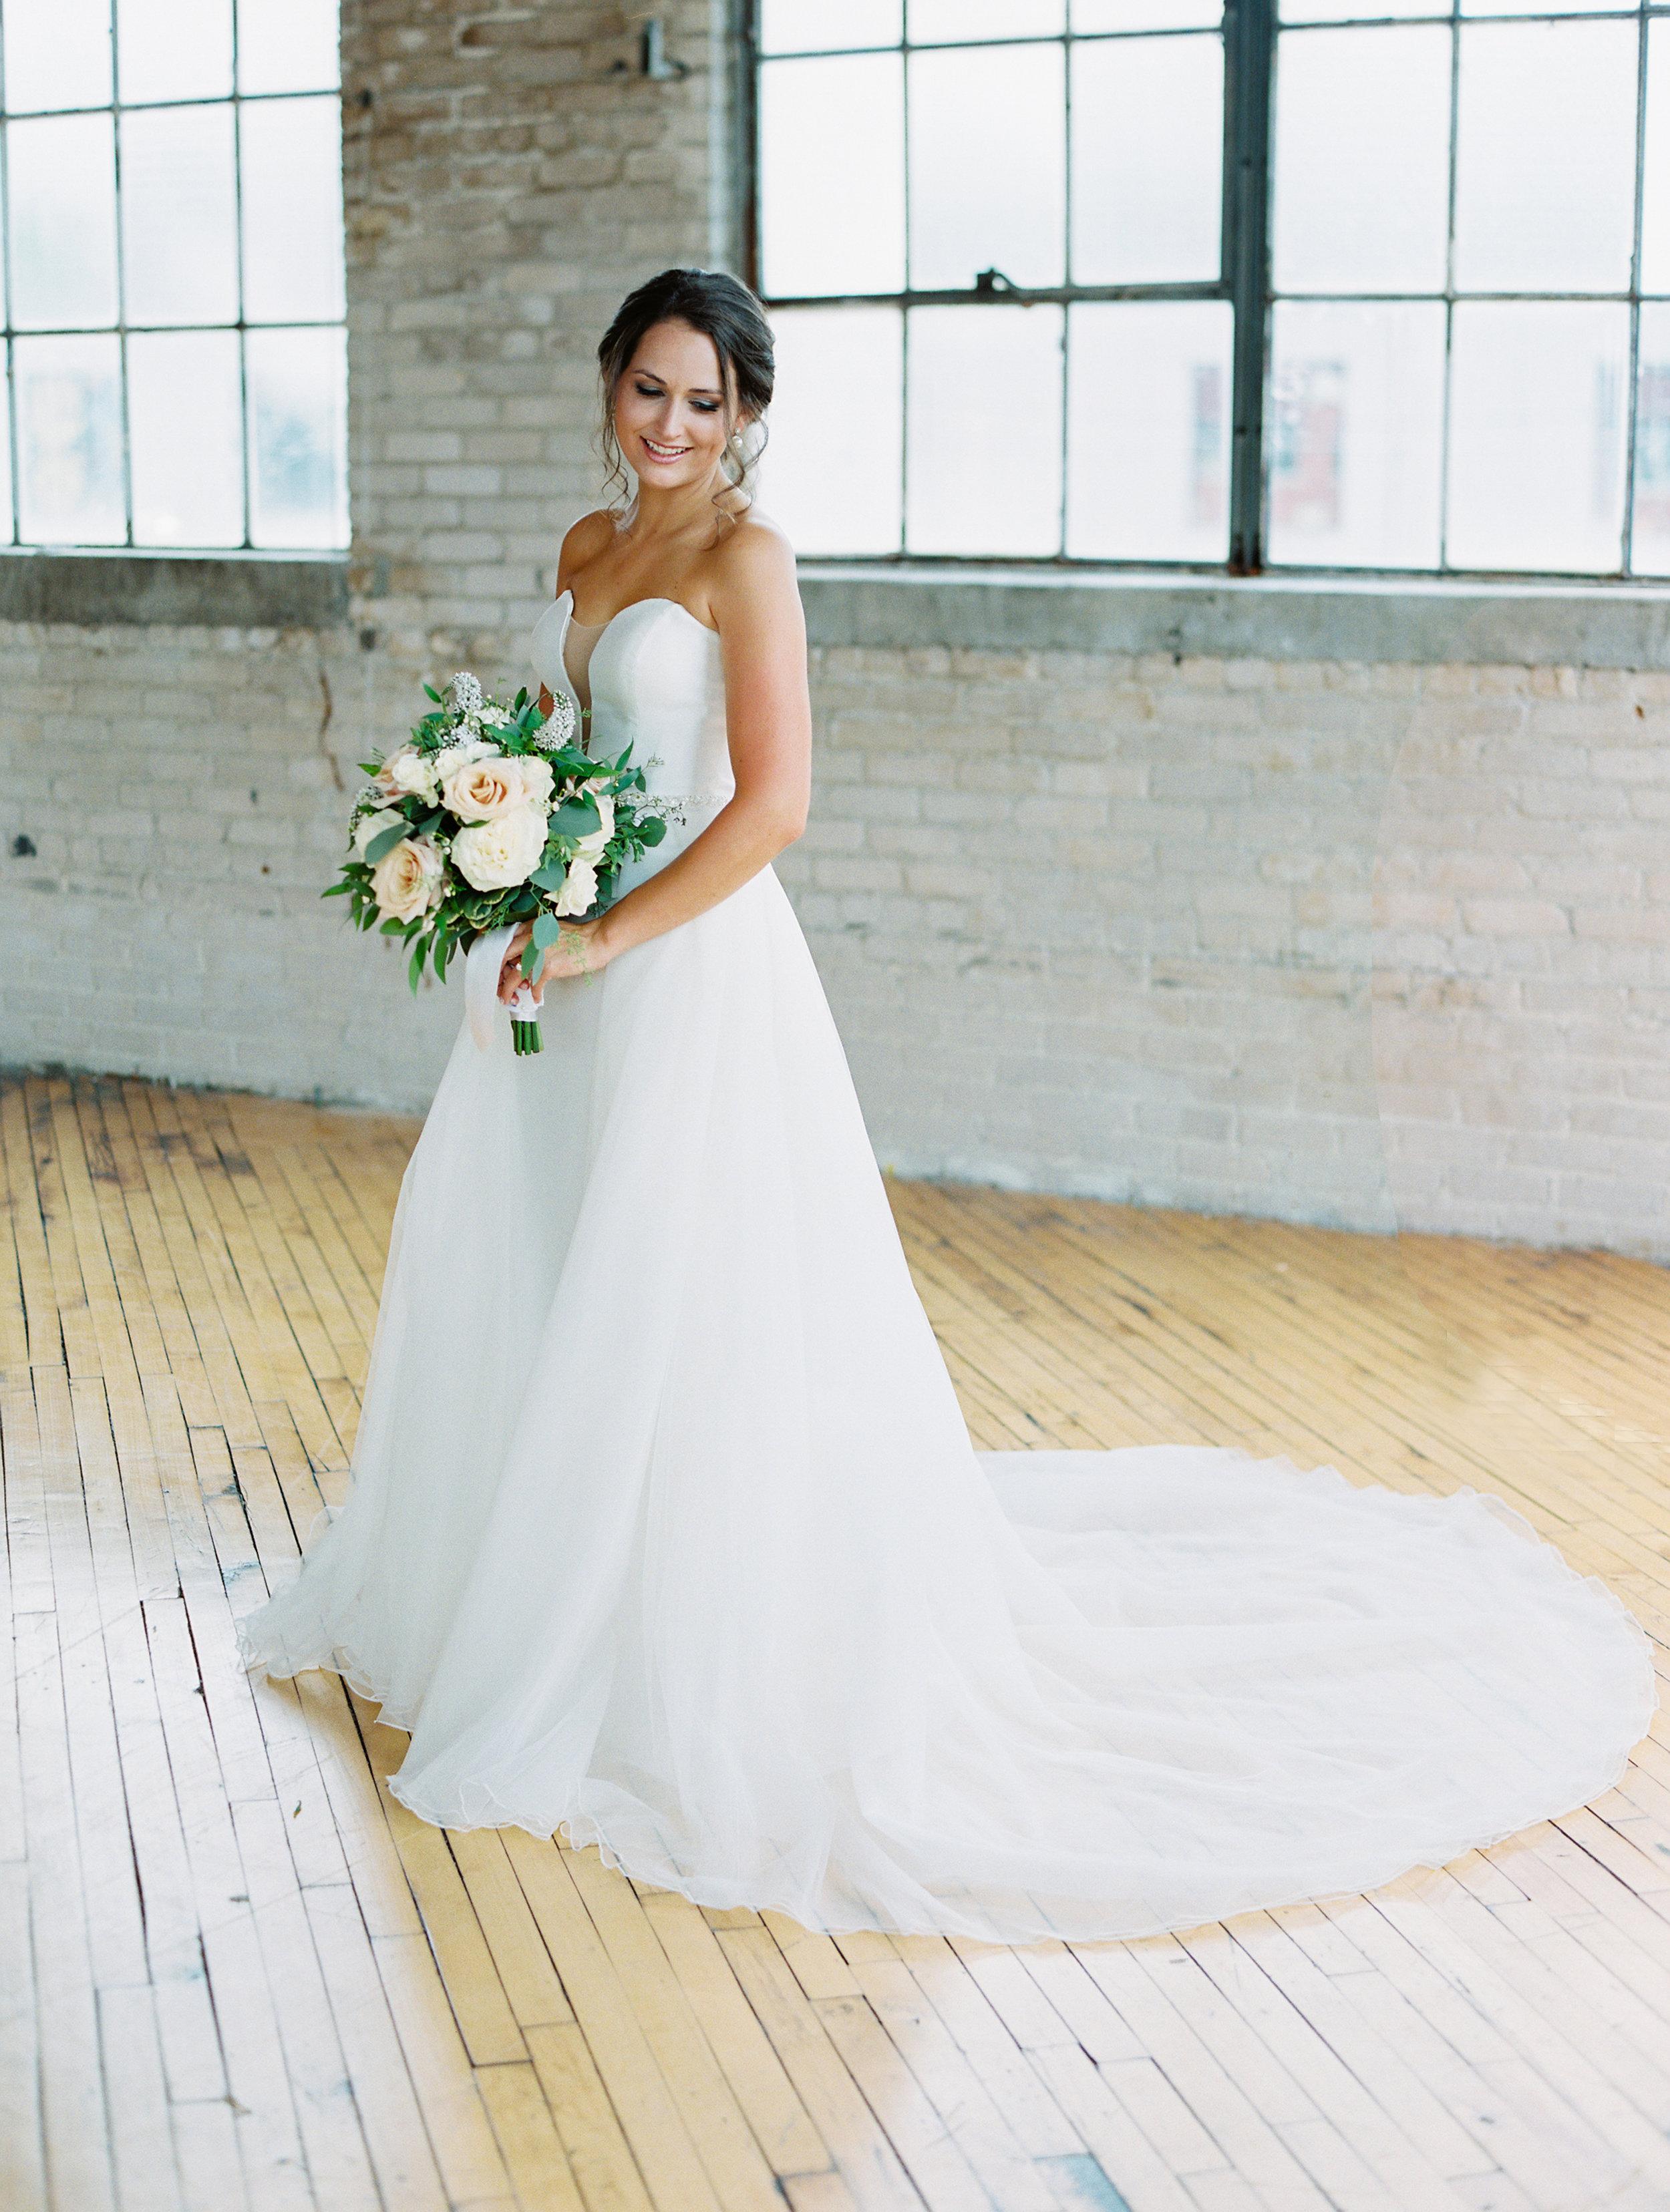 Steiner+Wedding+Bride+Bridesmaids-73.jpg